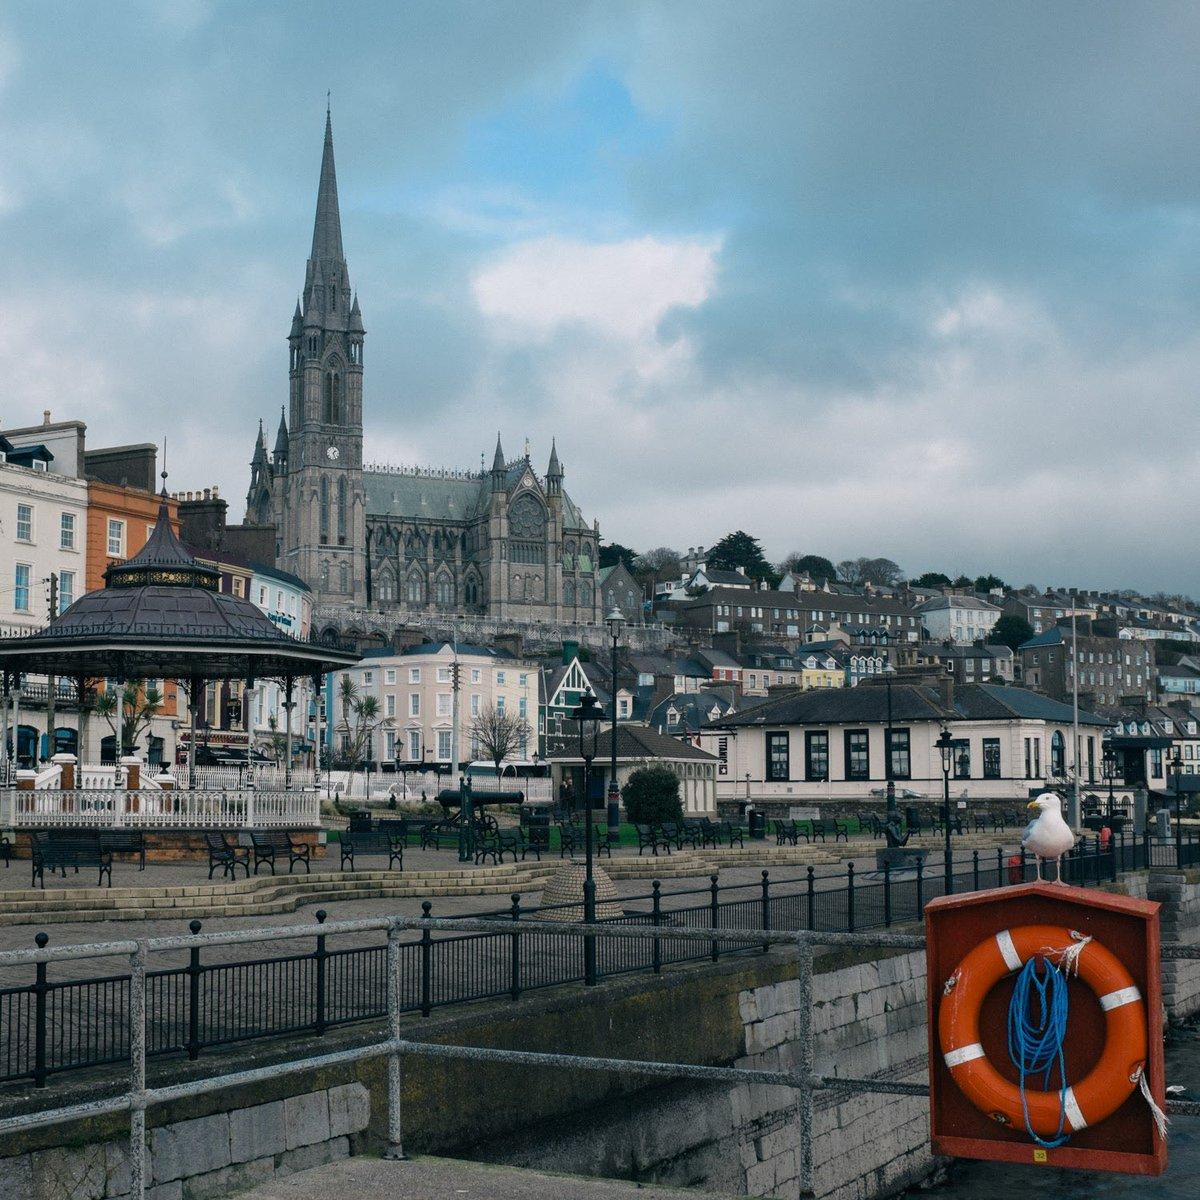 アイルランド🇮🇪の事を話してたら、アイルランドが恋しくなった。 タイタニック号が最後に立ち寄った町コーブ(Cobh) 人口13,000人しかいない町だけどとても立派な大聖堂がある。 #アイルランド #コーヴ https://t.co/W692E2VT6A